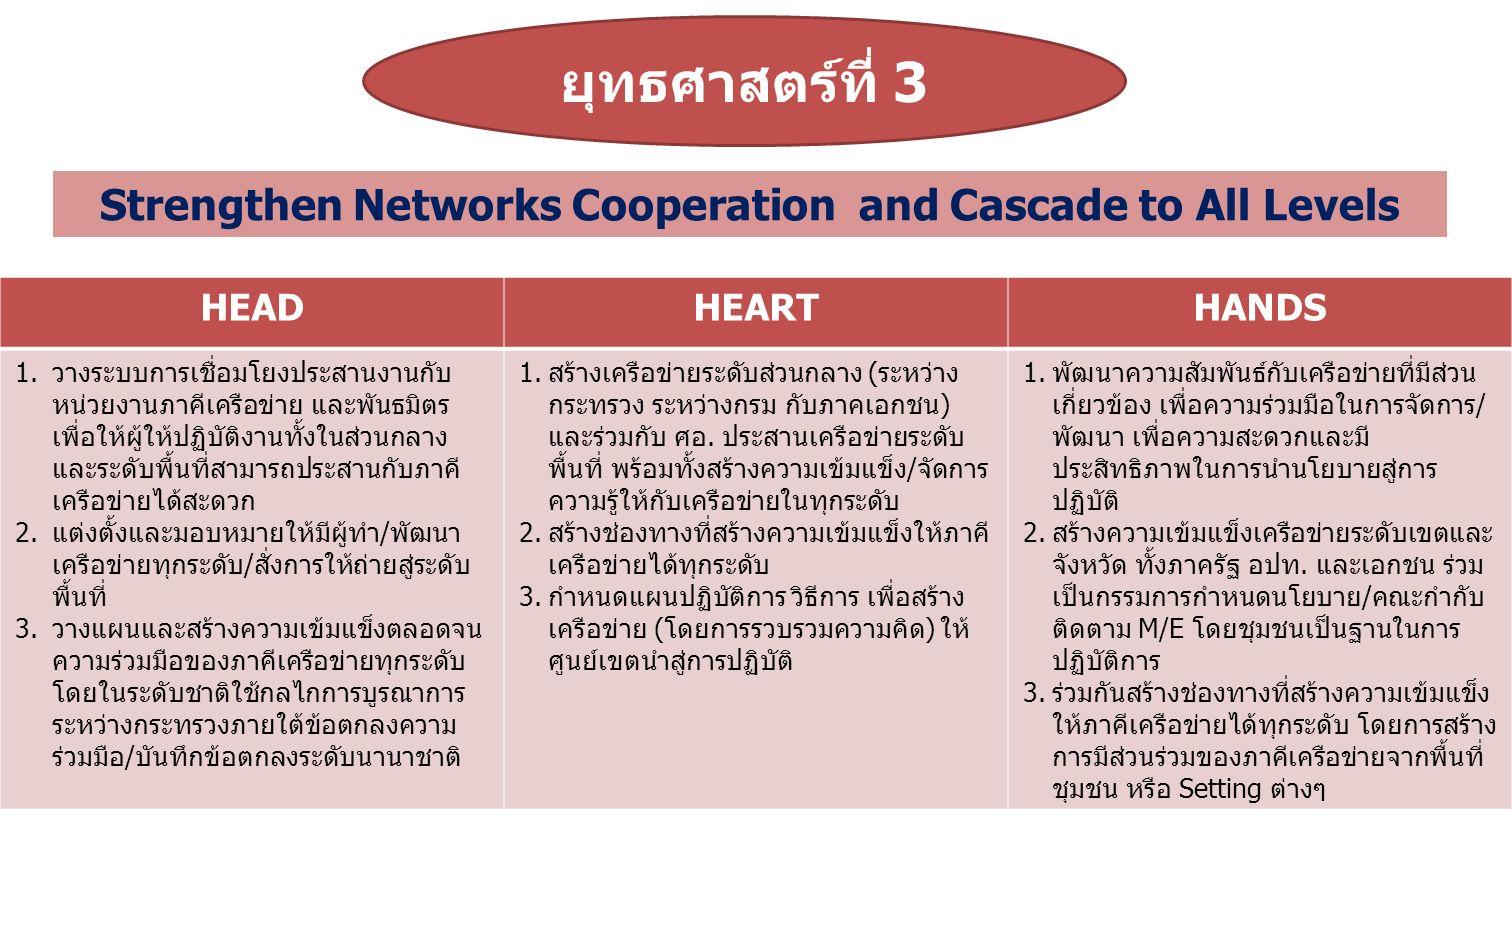 ยุทธศาสตร์ที่ 4 HEADHEARTHANDS 1.สร้างความร่วมมือสนับสนุนวิชาการทั้งใน และต่างประเทศ 2.สร้างบุคลากรรุ่นใหม่เพื่อทดแทน โดย สนับสนุนการฝึกอบรมบุคลากรให้มีความรู้ ความสามารถเหมาะสมกับหน้าที่ที่ได้รับ มอบหมาย 3.สนับสนุนงบประมาณในการพัฒนา ศักยภาพบุคลากรในกิจกรรมทั้งระดับชาติ และนานาชาติ 4.สนับสนุน/สร้างแรงจูงใจให้เกิดการพัฒนา ศักยภาพระดับบุคคล 5.ผลักดัน สนับสนุนให้มีการสร้างทรัพยากร บุคคลให้เป็นที่ยอมรับของเวทีระดับชาติ และนานาชาติ โดยการสนับสนุนทั้งด้าน งบประมาณ และการเตรียมความพร้อม (Succession plan) 1.จัดลำดับความสำคัญของประเด็นที่จะให้ มีการพัฒนาศักยภาพบุคลากร 2.ผลักดันกฎหมายให้เกิดการบังคับใช้ 3.กอง จ.พัฒนาศักยภาพด้าน 8 Roles of Leaders โดยจัดอบรมภายในและส่ง อบรมภายนอก ทั้งในและต่างประเทศ 4.พัฒนาศักยภาพทั้งแก่บุคลากรใน หน่วยงานและในสังกัดที่ต้องร่วมทำงาน ให้เป็นในทิศทางเดียวกัน โดยกำหนด แผนปฏิบัติการเพื่อพัฒนาทักษะ บุคลากรเป็นมืออาชีพ 1.พัฒนาศักยภาพและทักษะ ทั้งบุคลากร ในหน่วยงานและในพื้นที่อย่างเป็นระบบ เพื่อรองรับการพัฒนางานตามทิศทางที่ NHPB กำหนดมีการประสานเครือข่ายได้ อย่างมีประสิทธิภาพ ในรูปแบบต่างๆ ตามการเปลี่ยนแปลงทางสังคม เช่น ระบบ IT 2.ร่วมกันสร้าง Brand ที่ทำให้ทุกคนรู้ว่า เป็นงานที่กรมอนามัยทำ Human Capacity Building at National and International Levels.